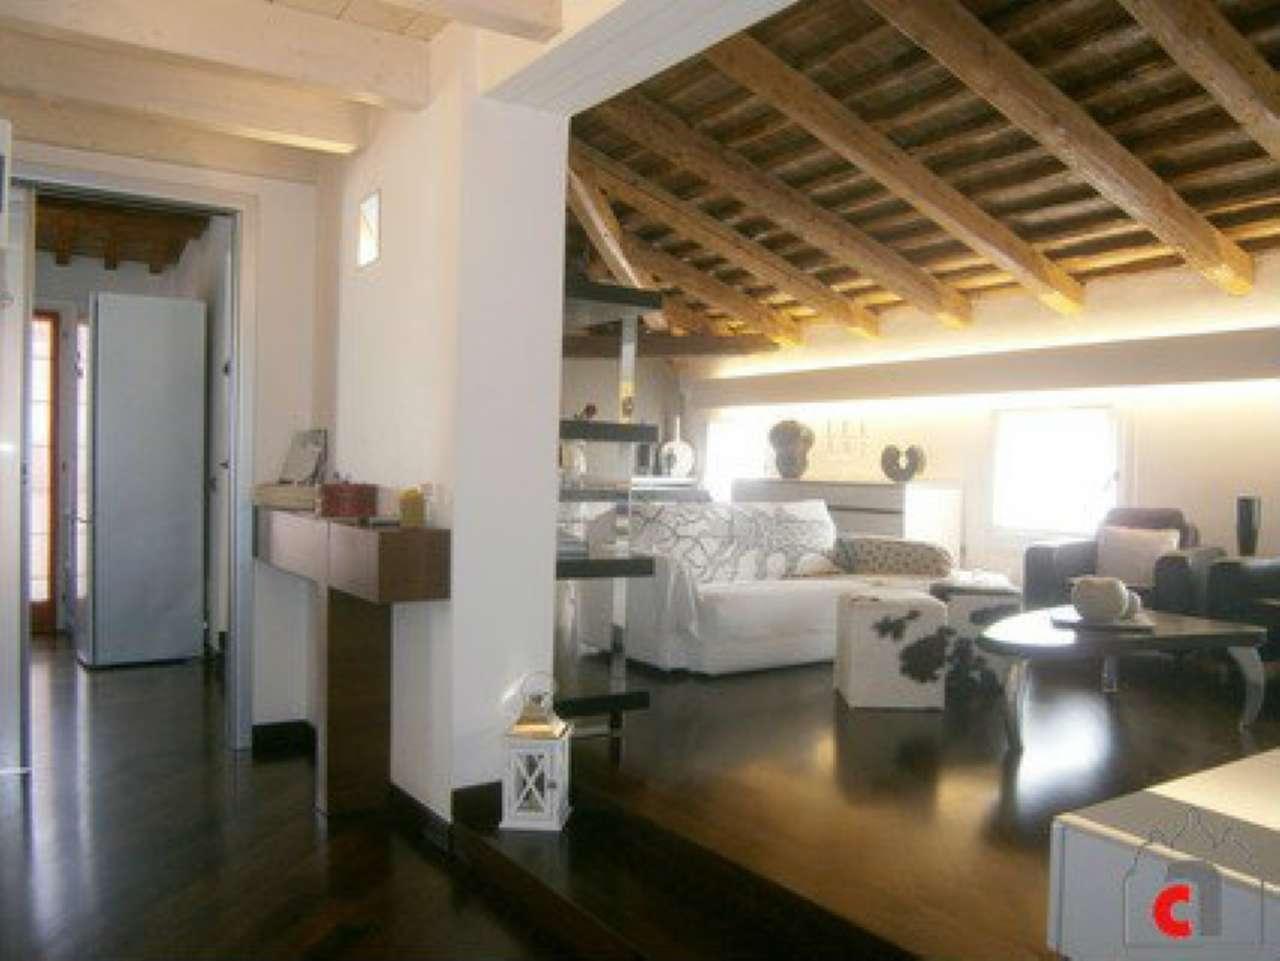 Appartamento in vendita a Padova, 5 locali, zona Zona: 1 . Centro, prezzo € 620.000 | Cambio Casa.it